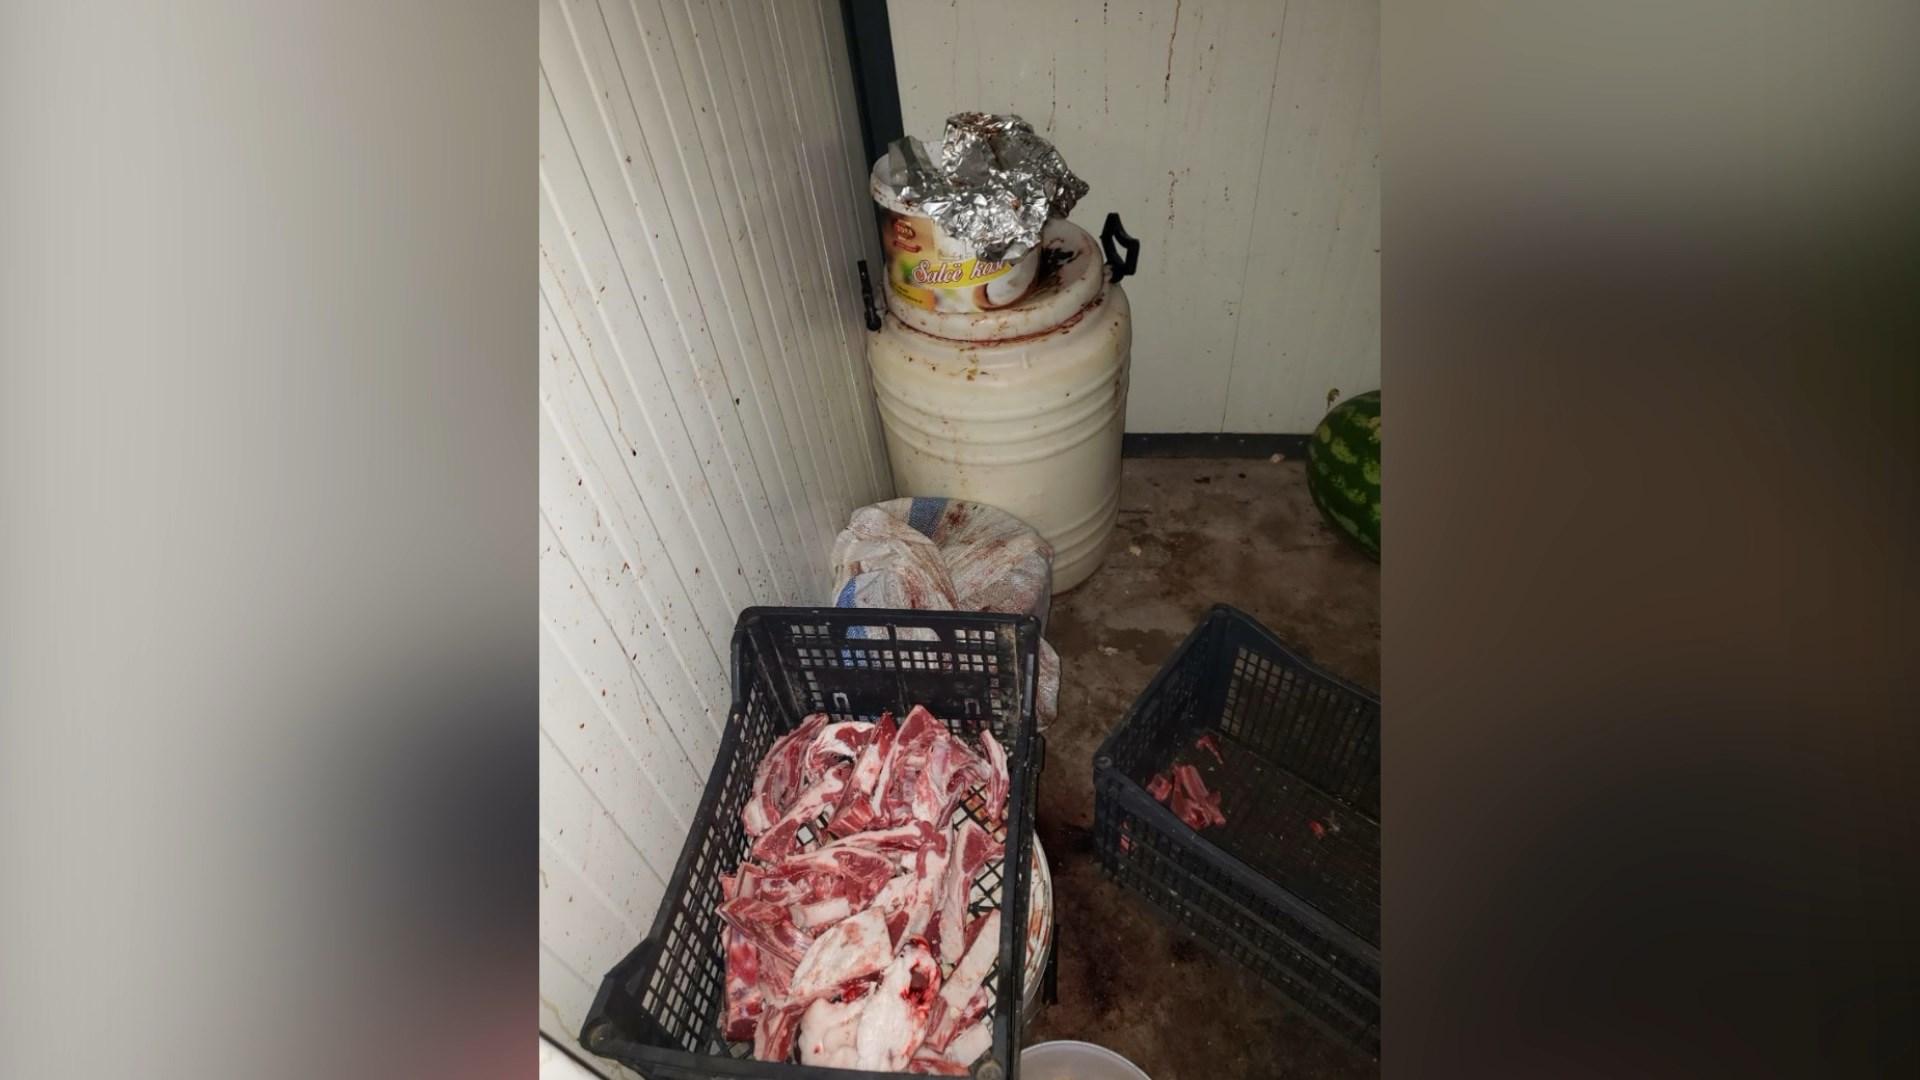 AKU bllokon dhjetra kg mish të pasigurt në Korçë